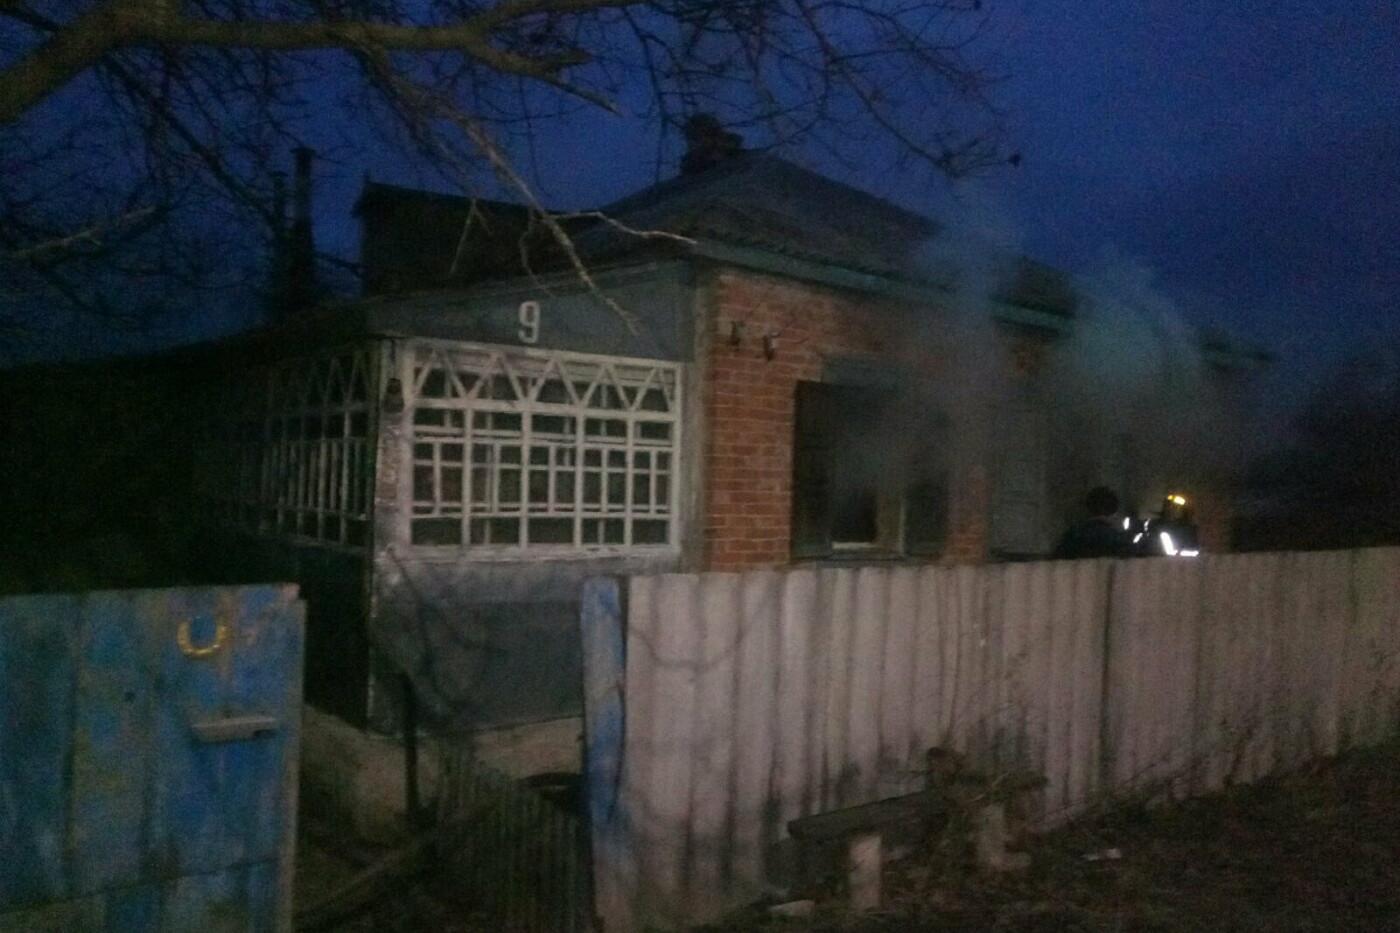 На Харьковщине спасатели во время тушения пожара нашли труп мужчины, - ФОТО, фото-1